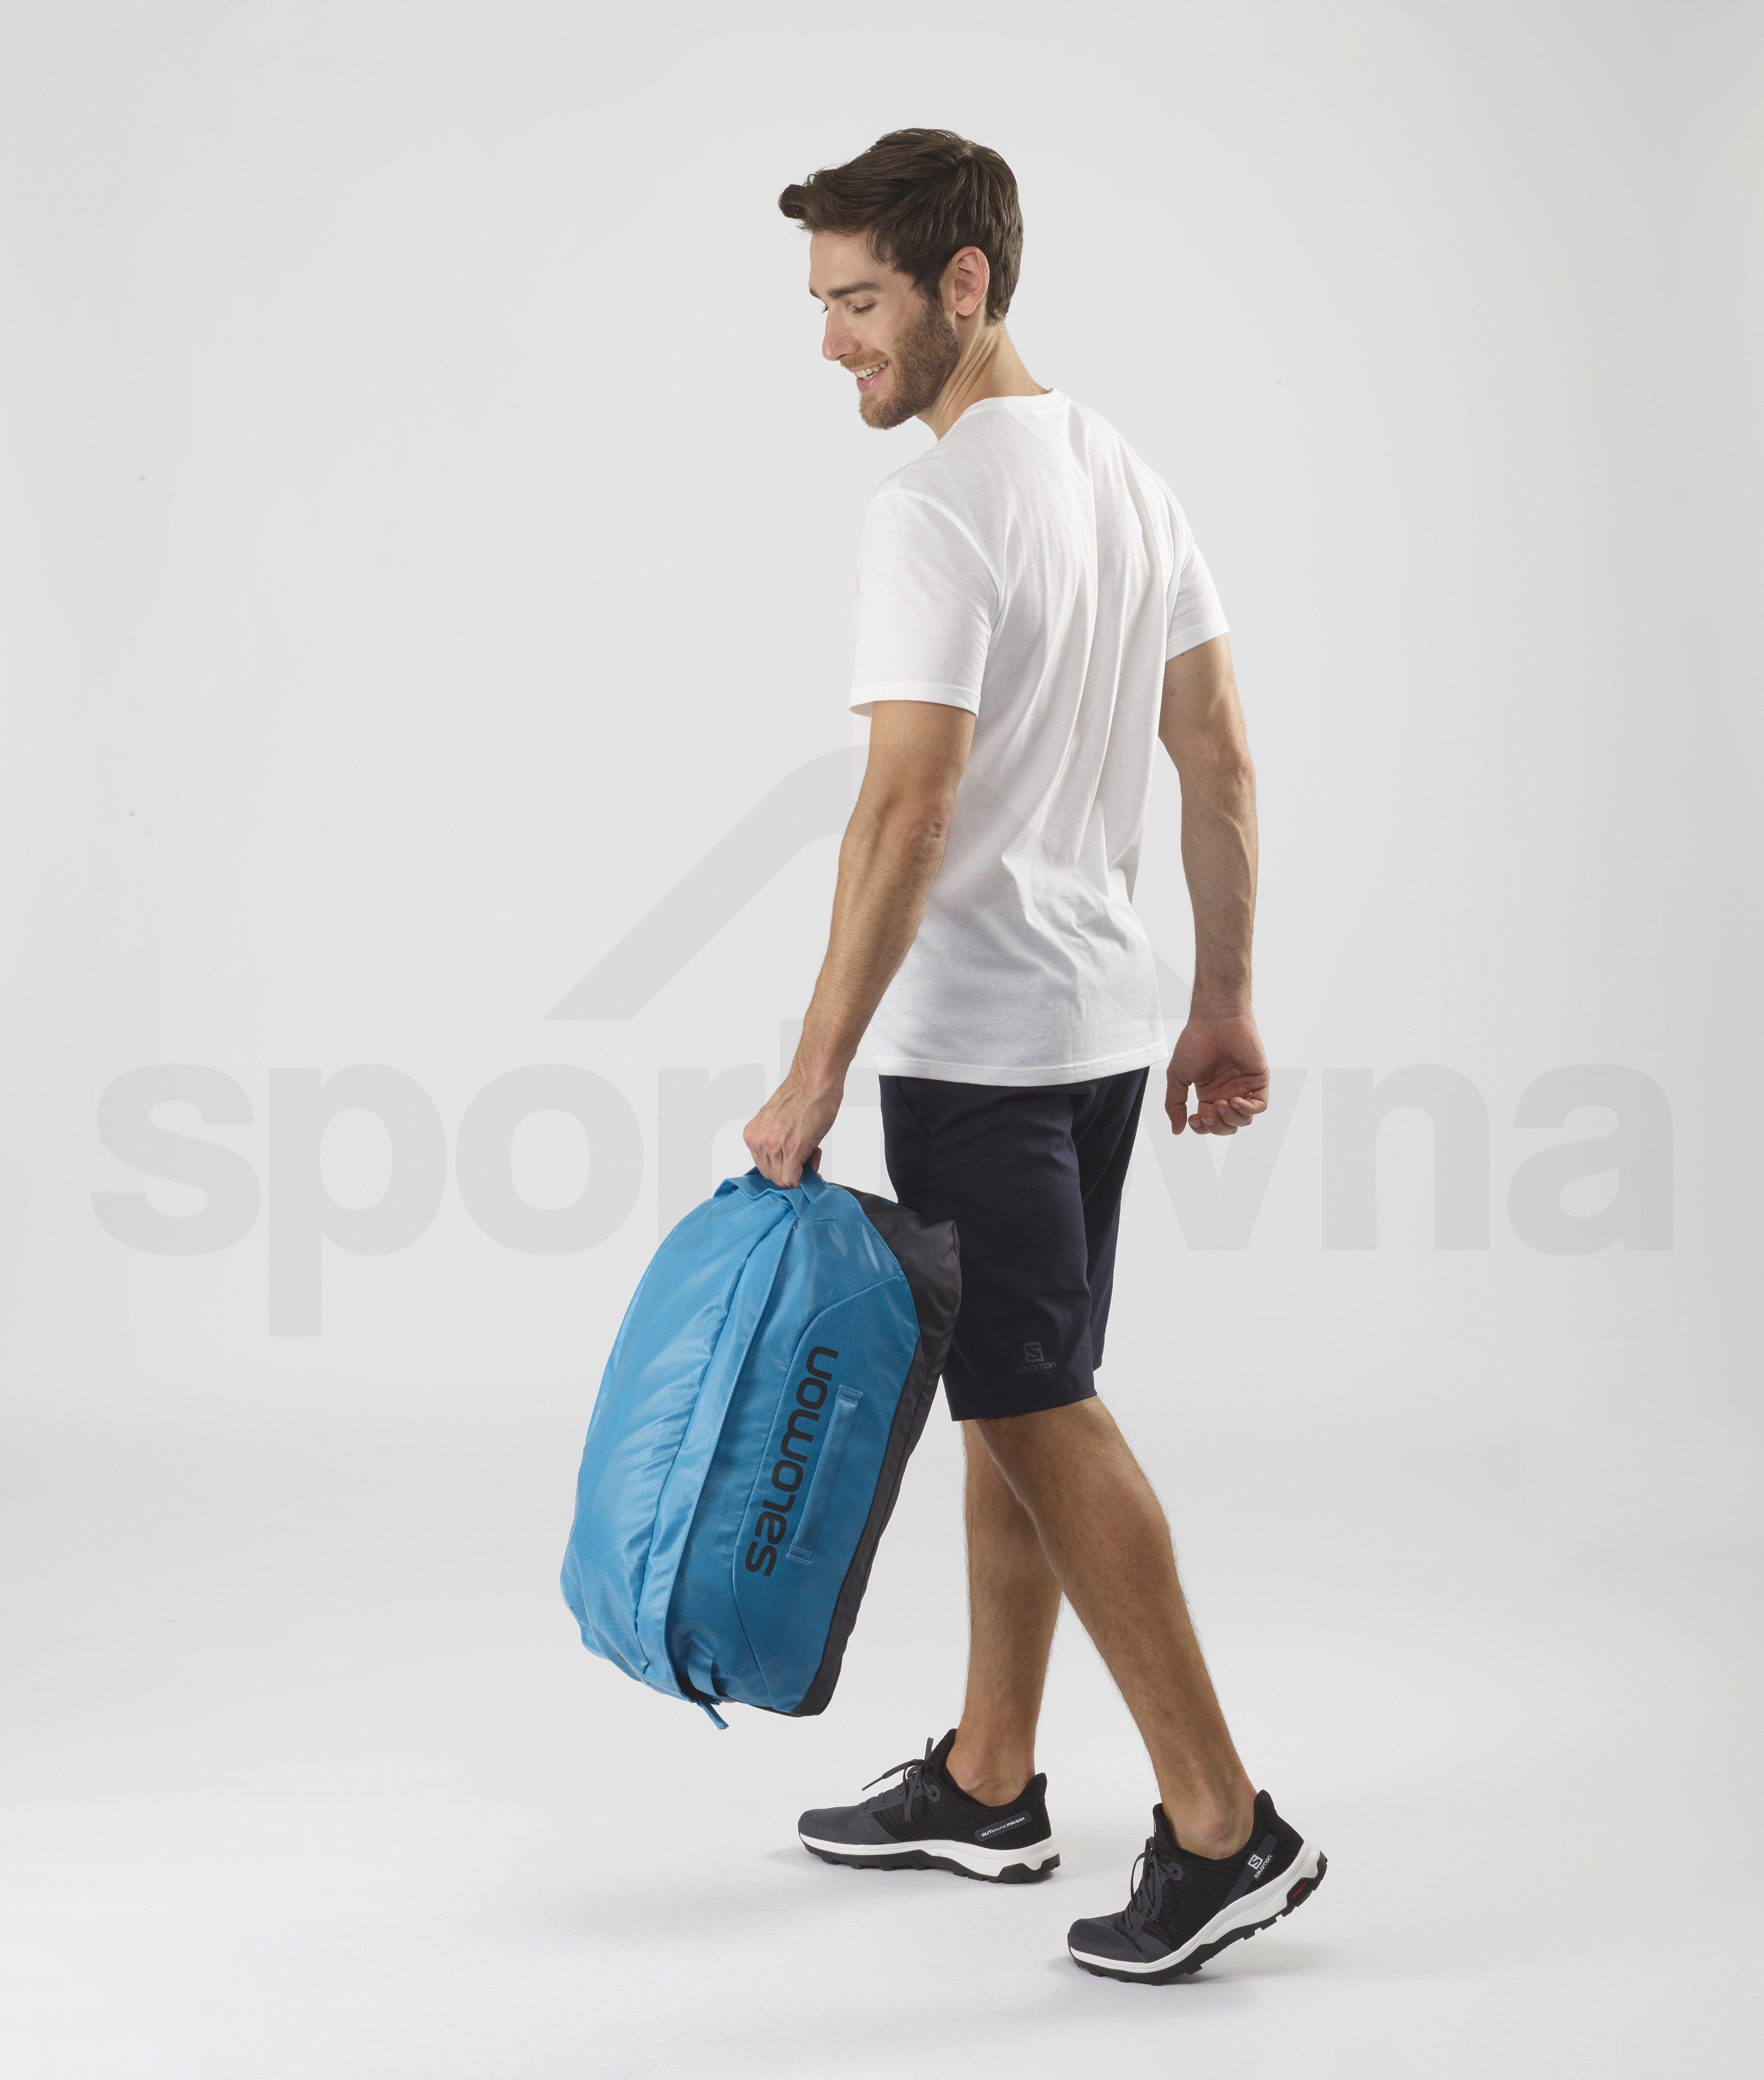 Cestovní taška Salomon OUTLIFE DUFFEL 25 - modrá/černá